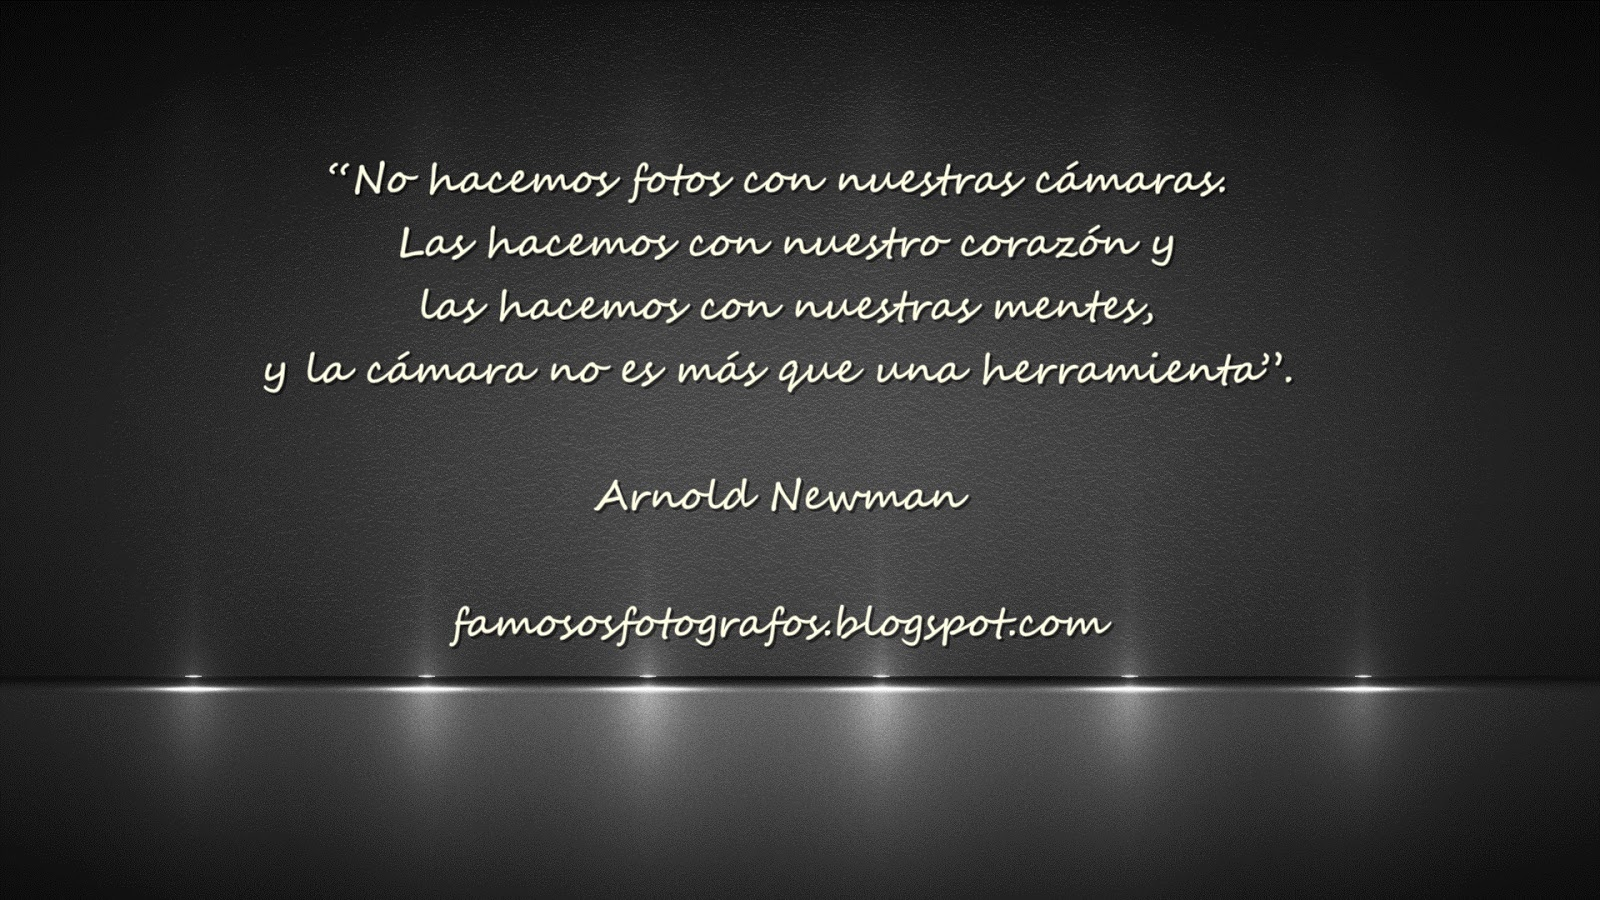 Frases De Fotógrafos Famosos Arnold Newman La